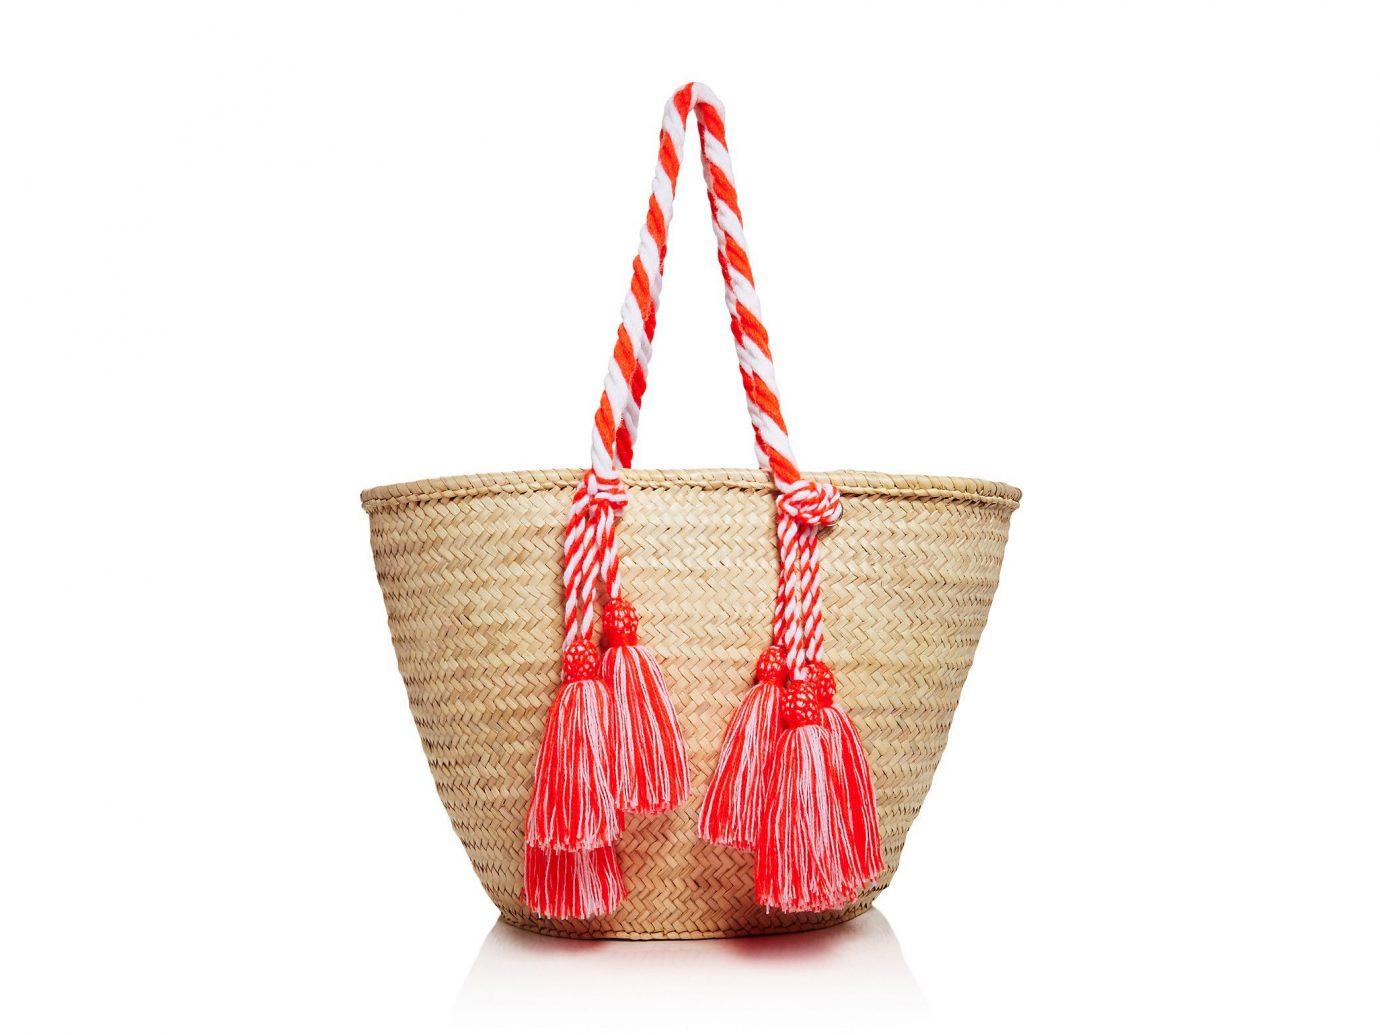 Packing Tips Style + Design Travel Shop handbag bag shoulder bag fashion accessory product beige